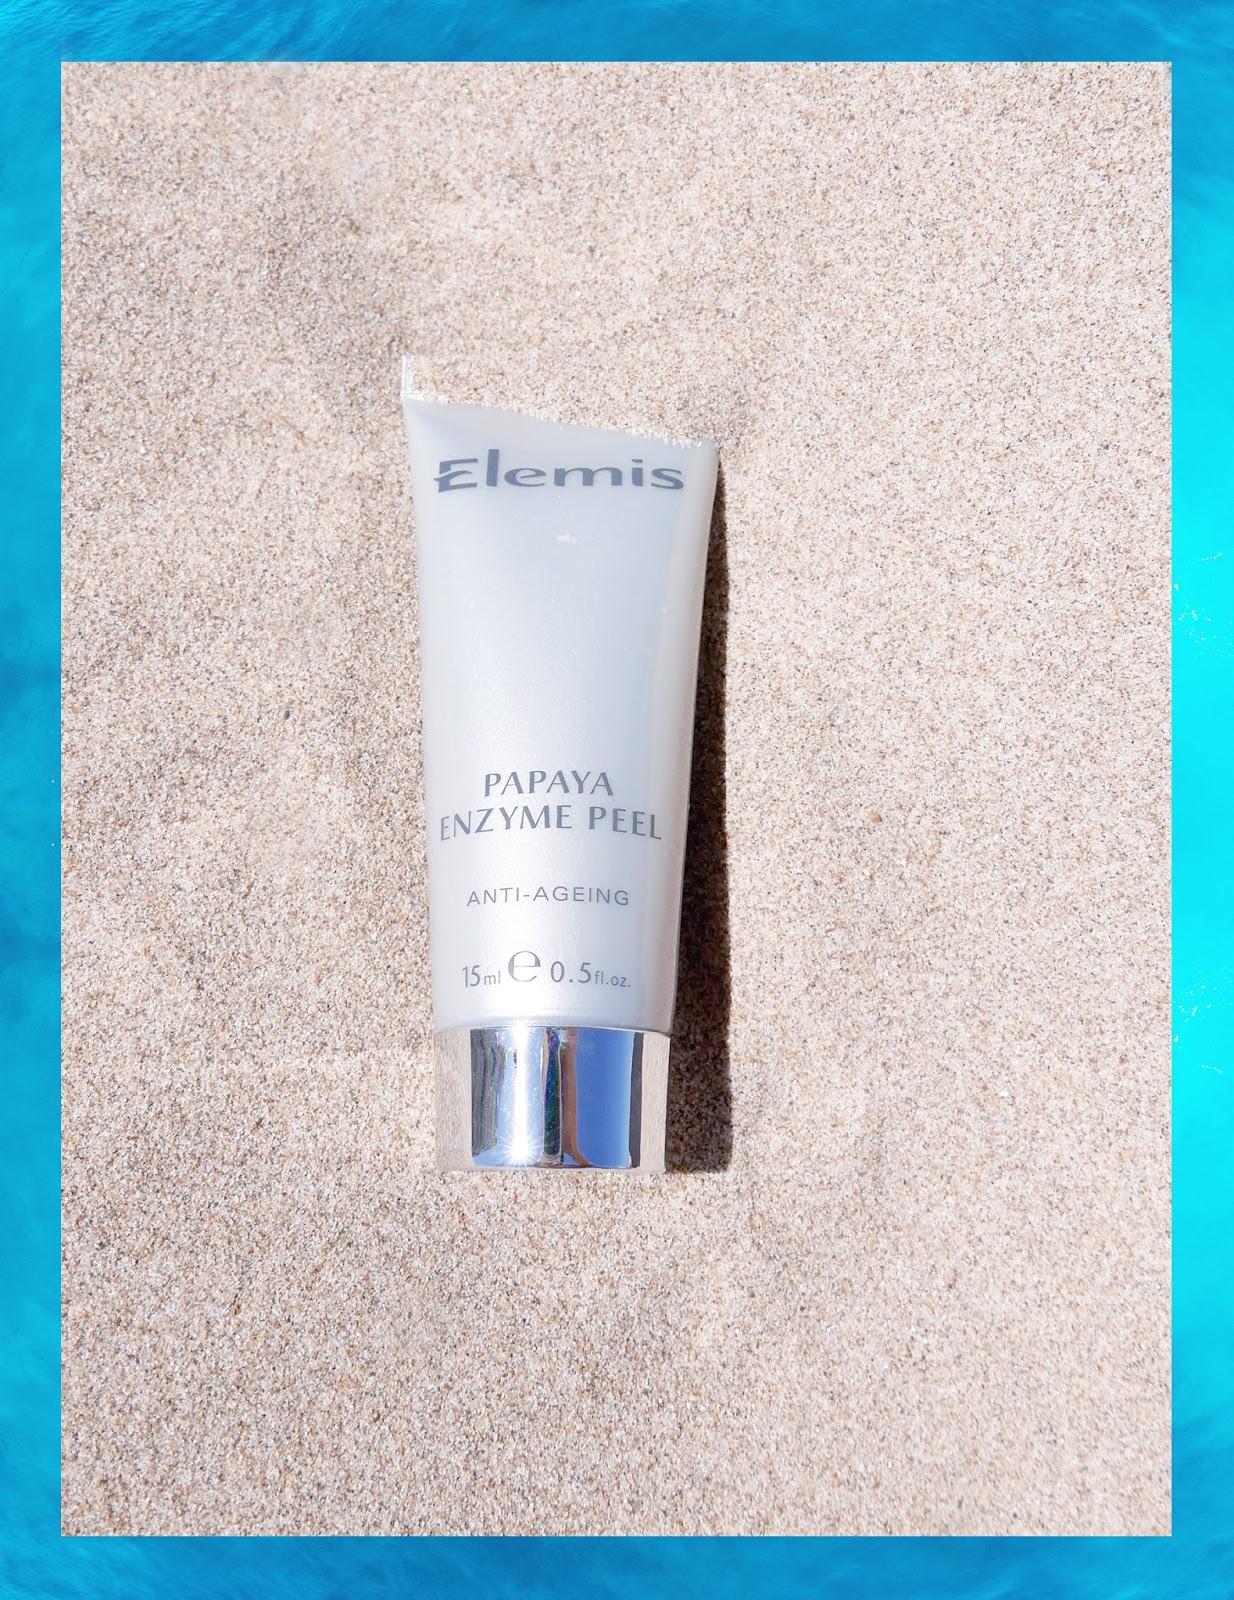 Euriental | luxury travel & style | travel beauty products, Elemis Papaya Enzyme Peel